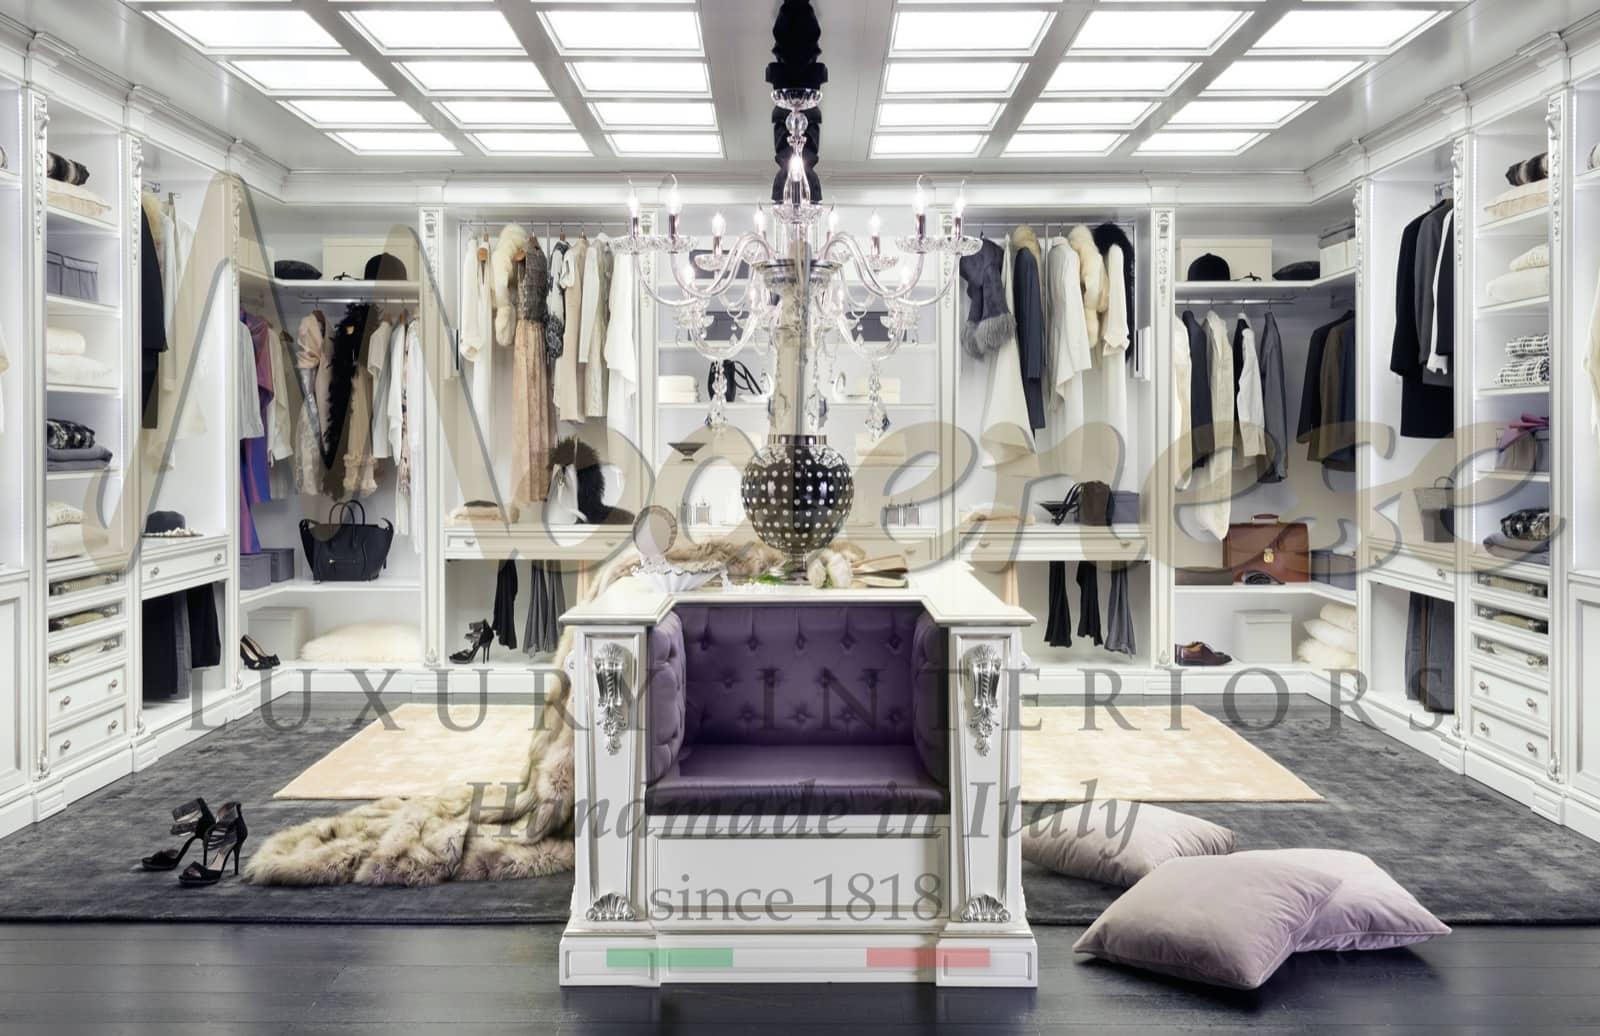 производство роскошной мебели ручной работы для вилл и дворцов с 1818 года, решения для меблировки гардеробных комнат в неоклассическом стиле Людовика XV